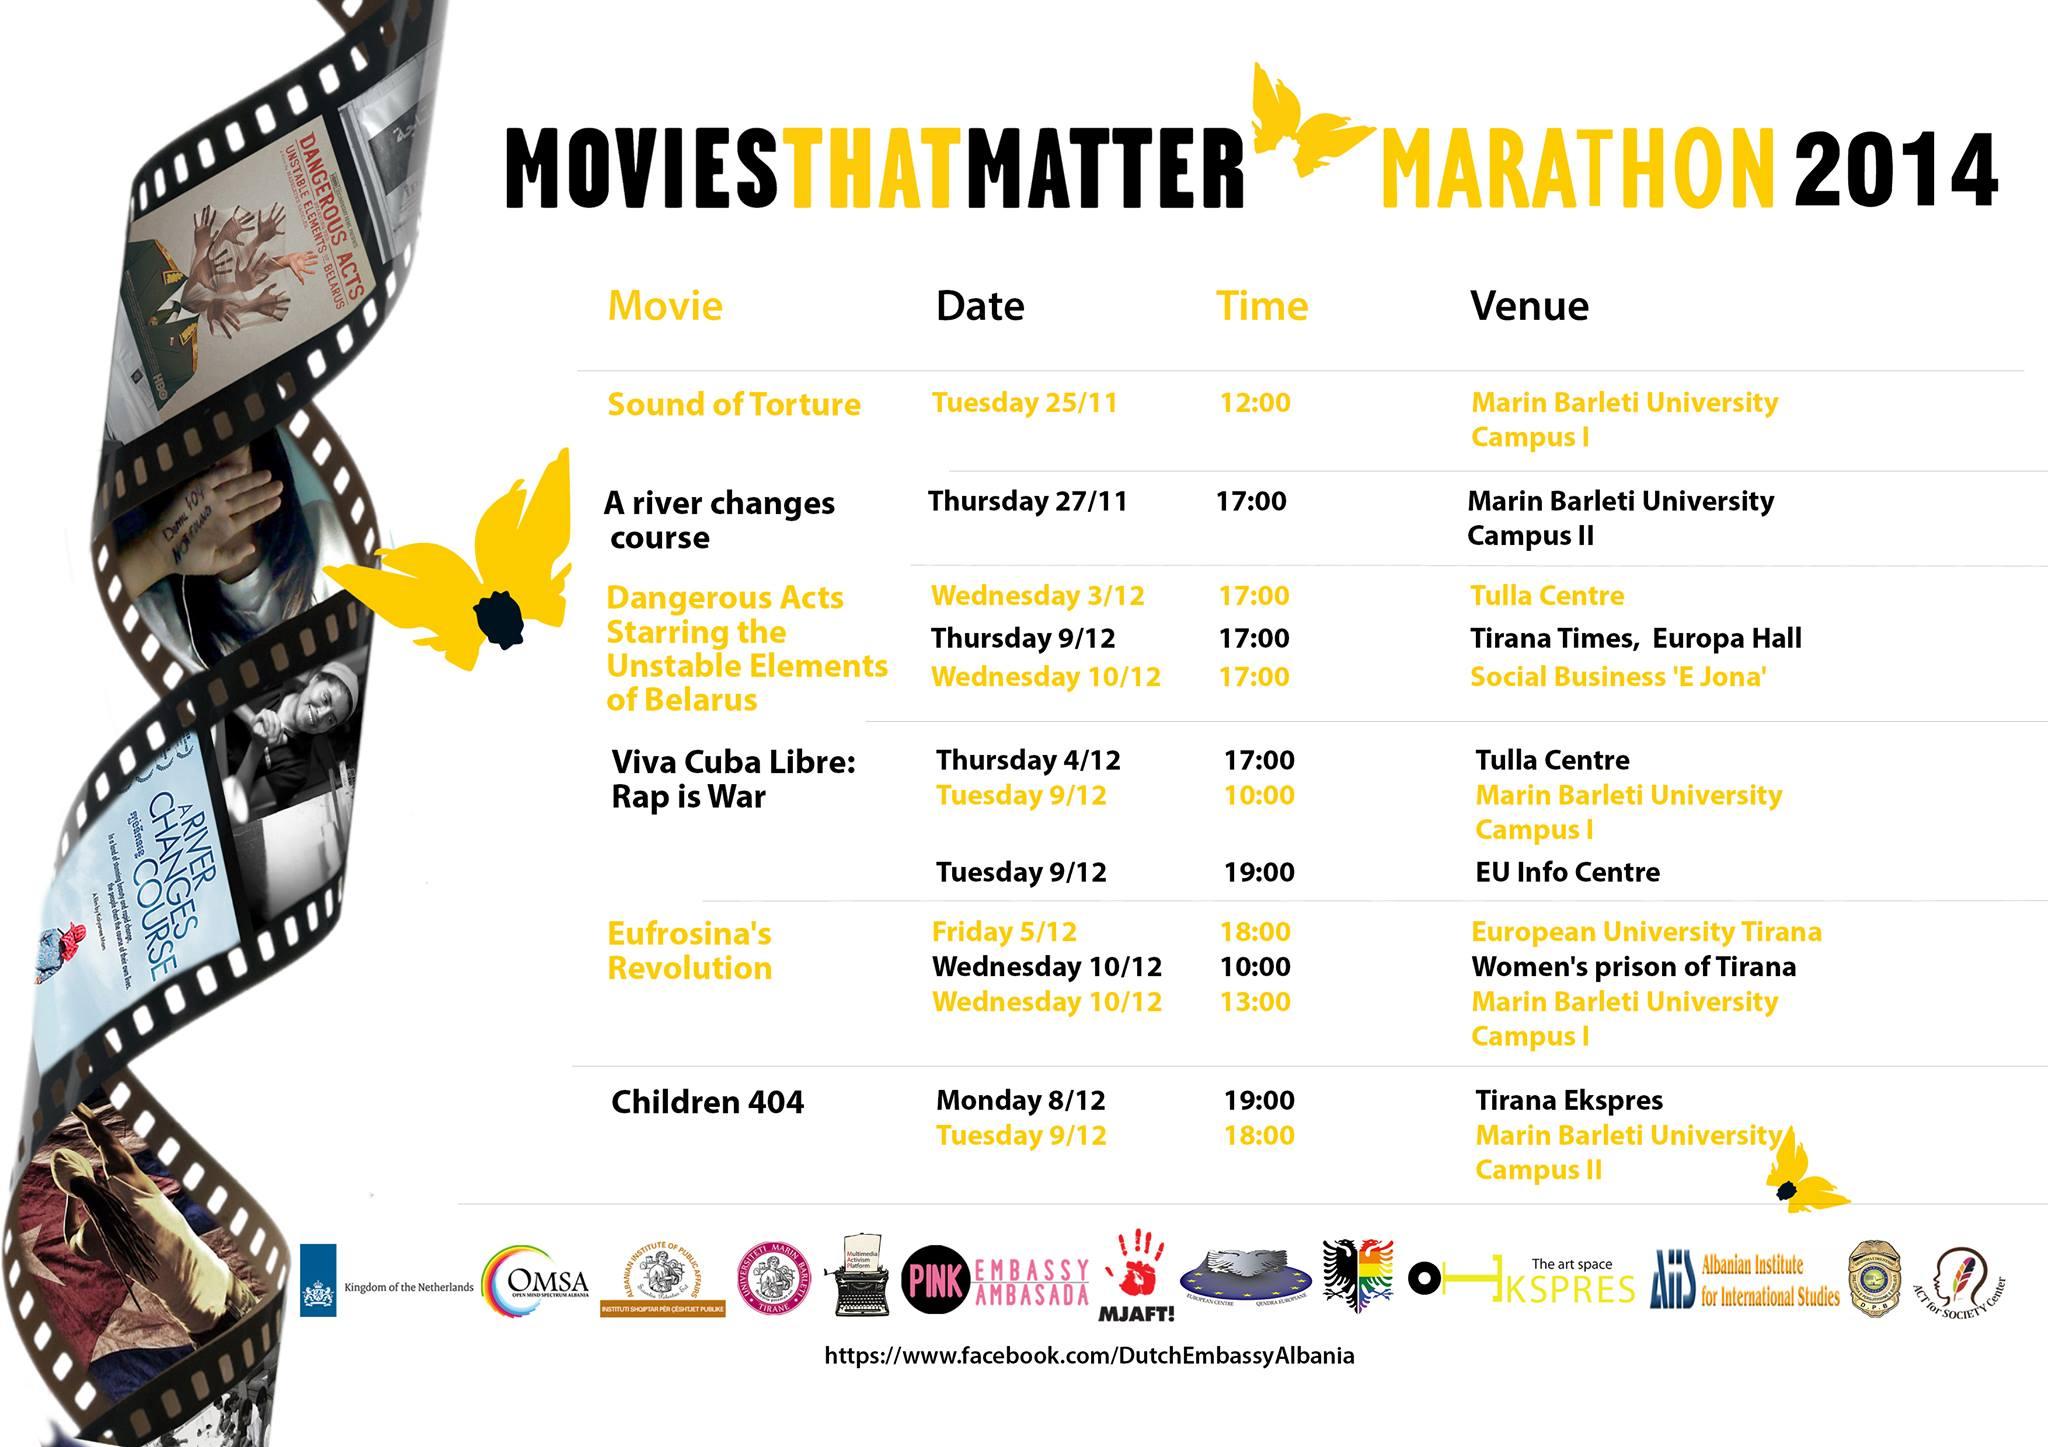 Movies That Matter Marathon 2014